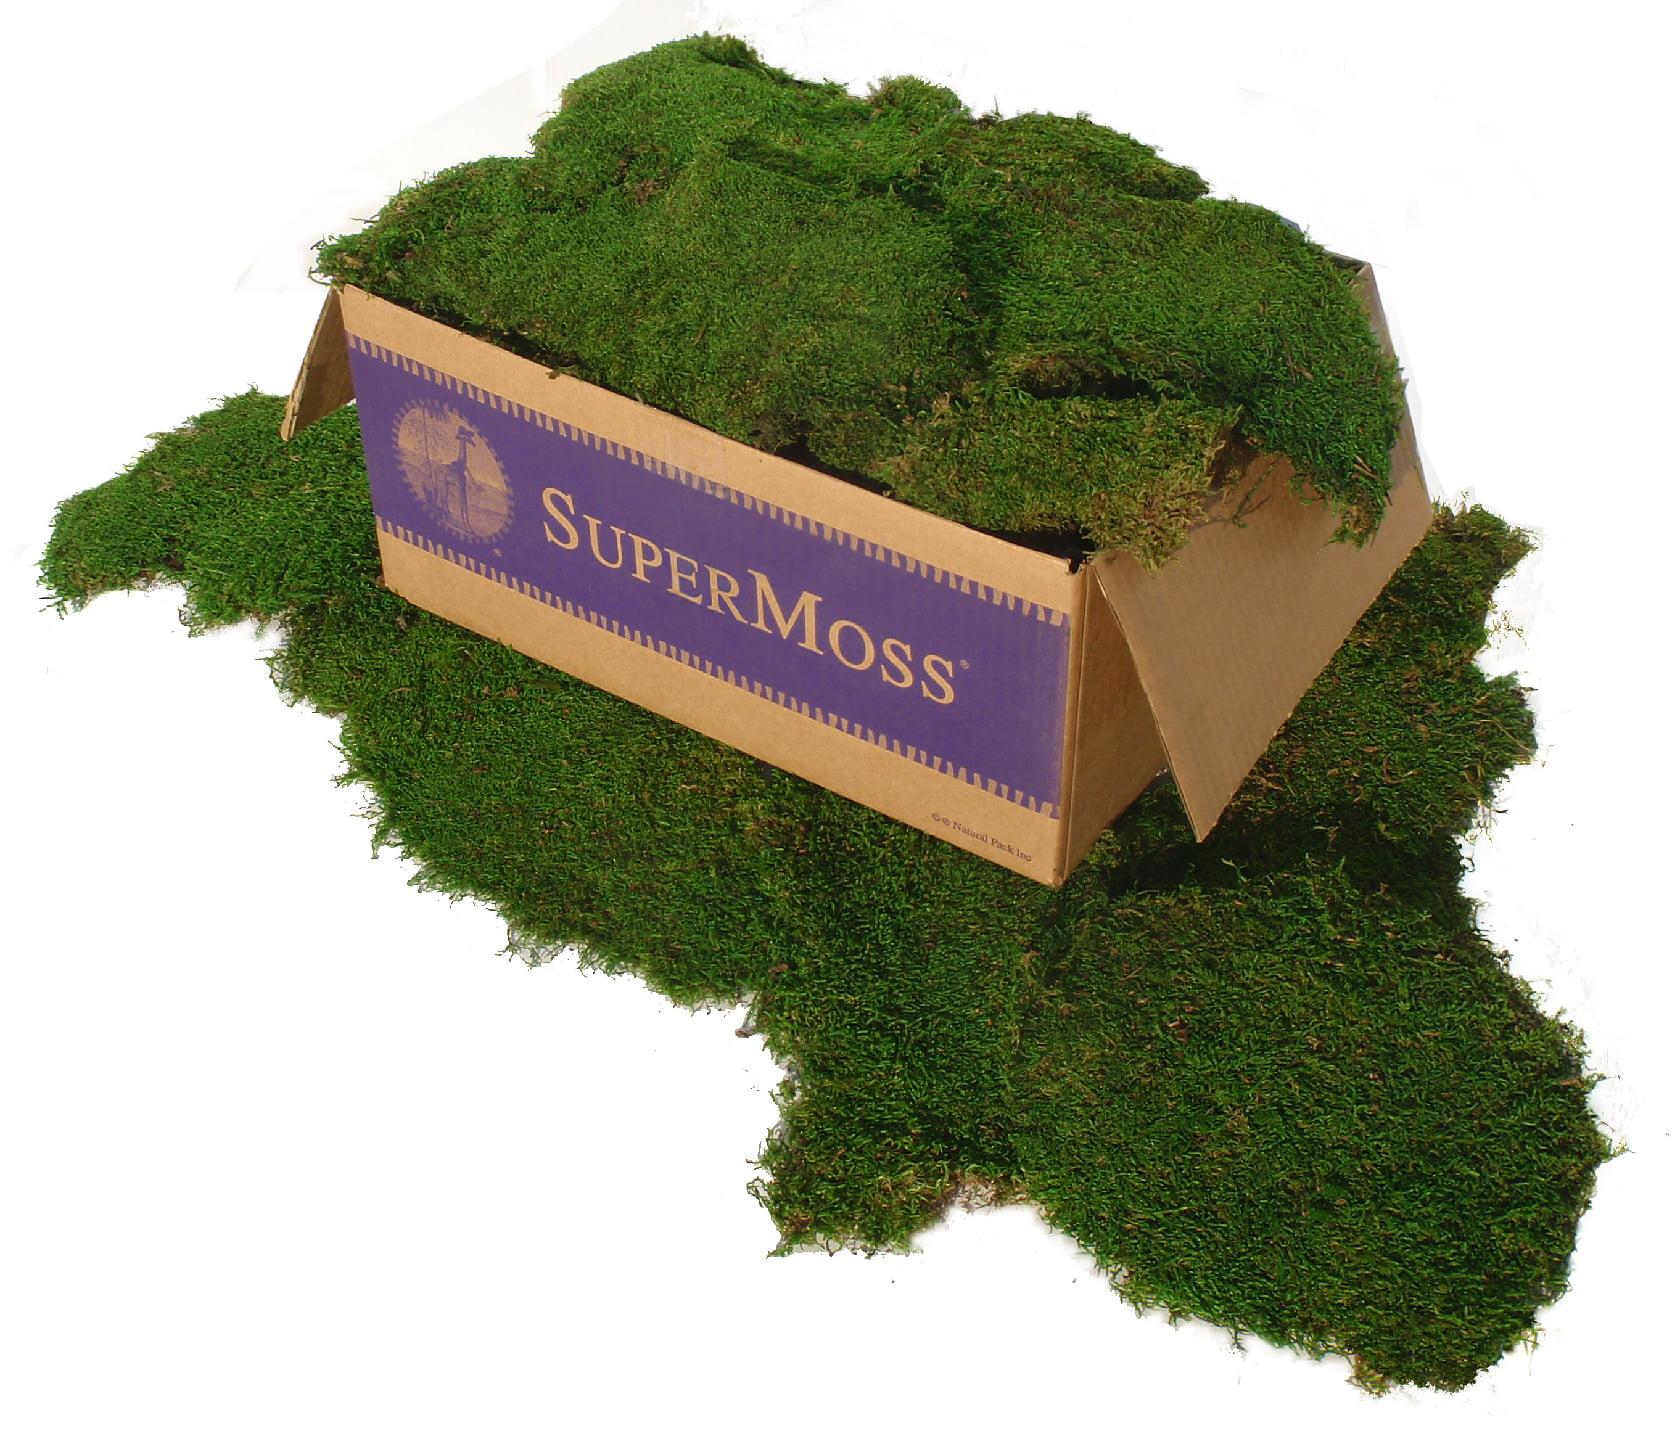 Super Moss 21508 Sheet Moss Forst Grn Walmart Com Walmart Com